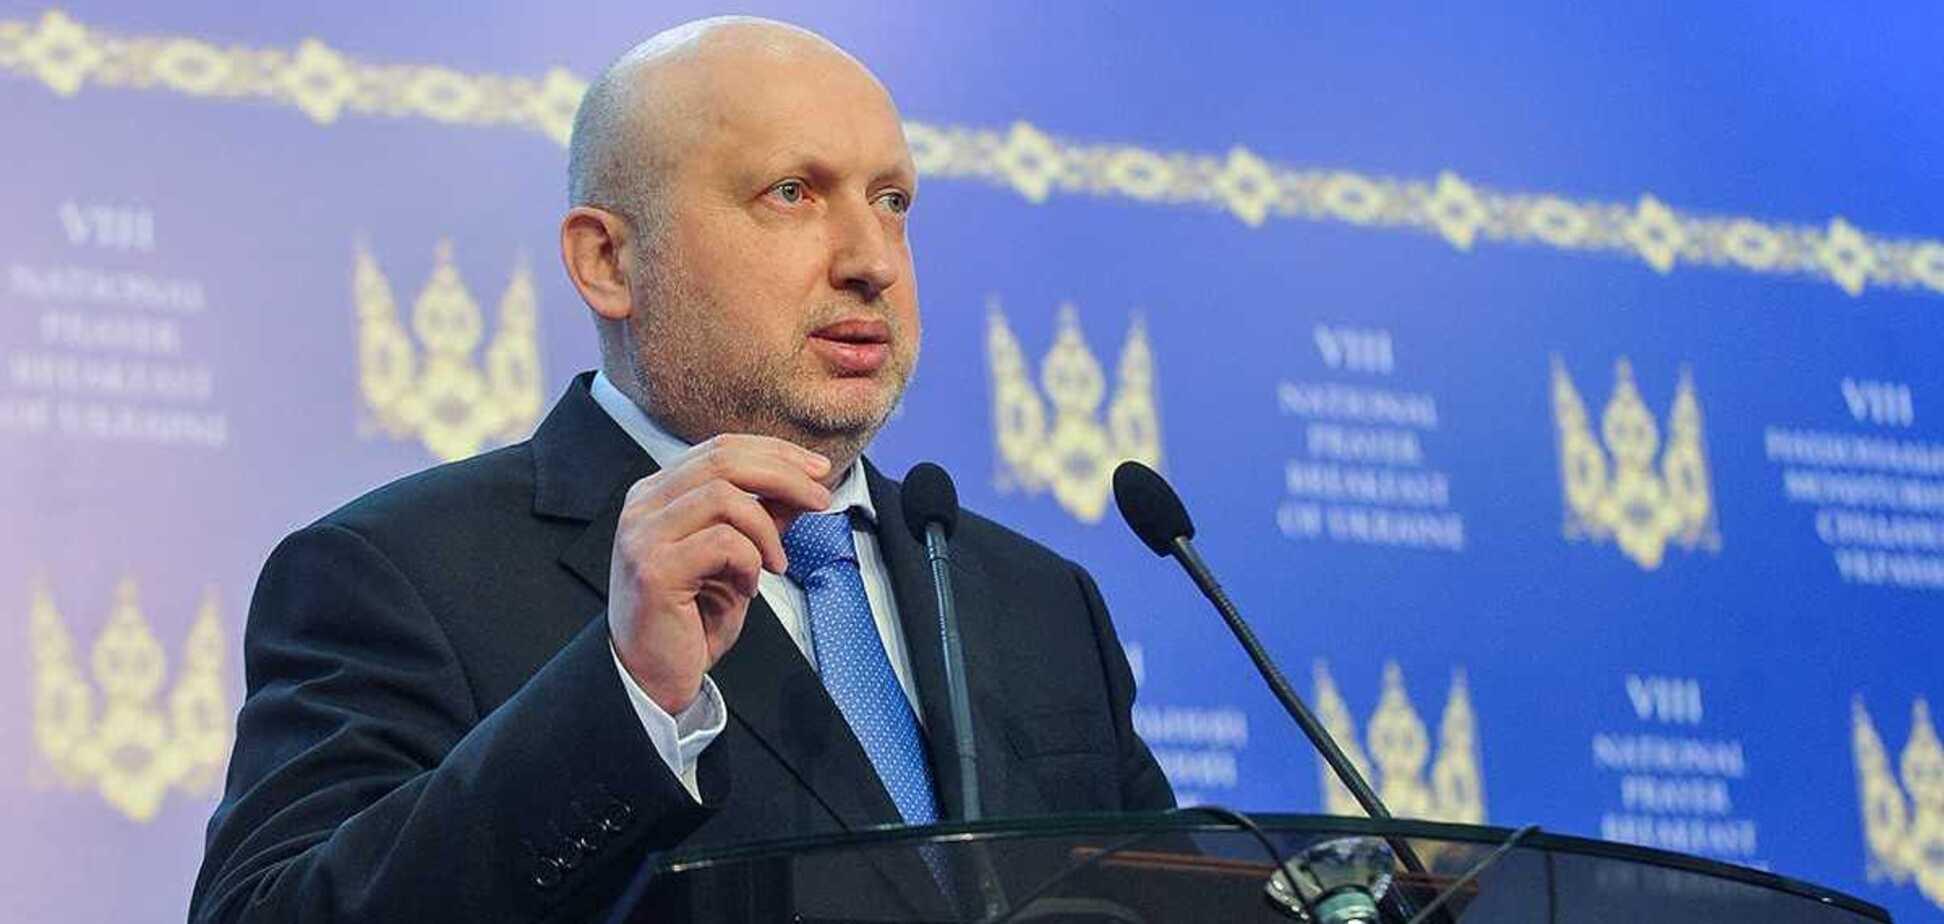 Турчинов заявил, что власть продолжает наступление на патриотов